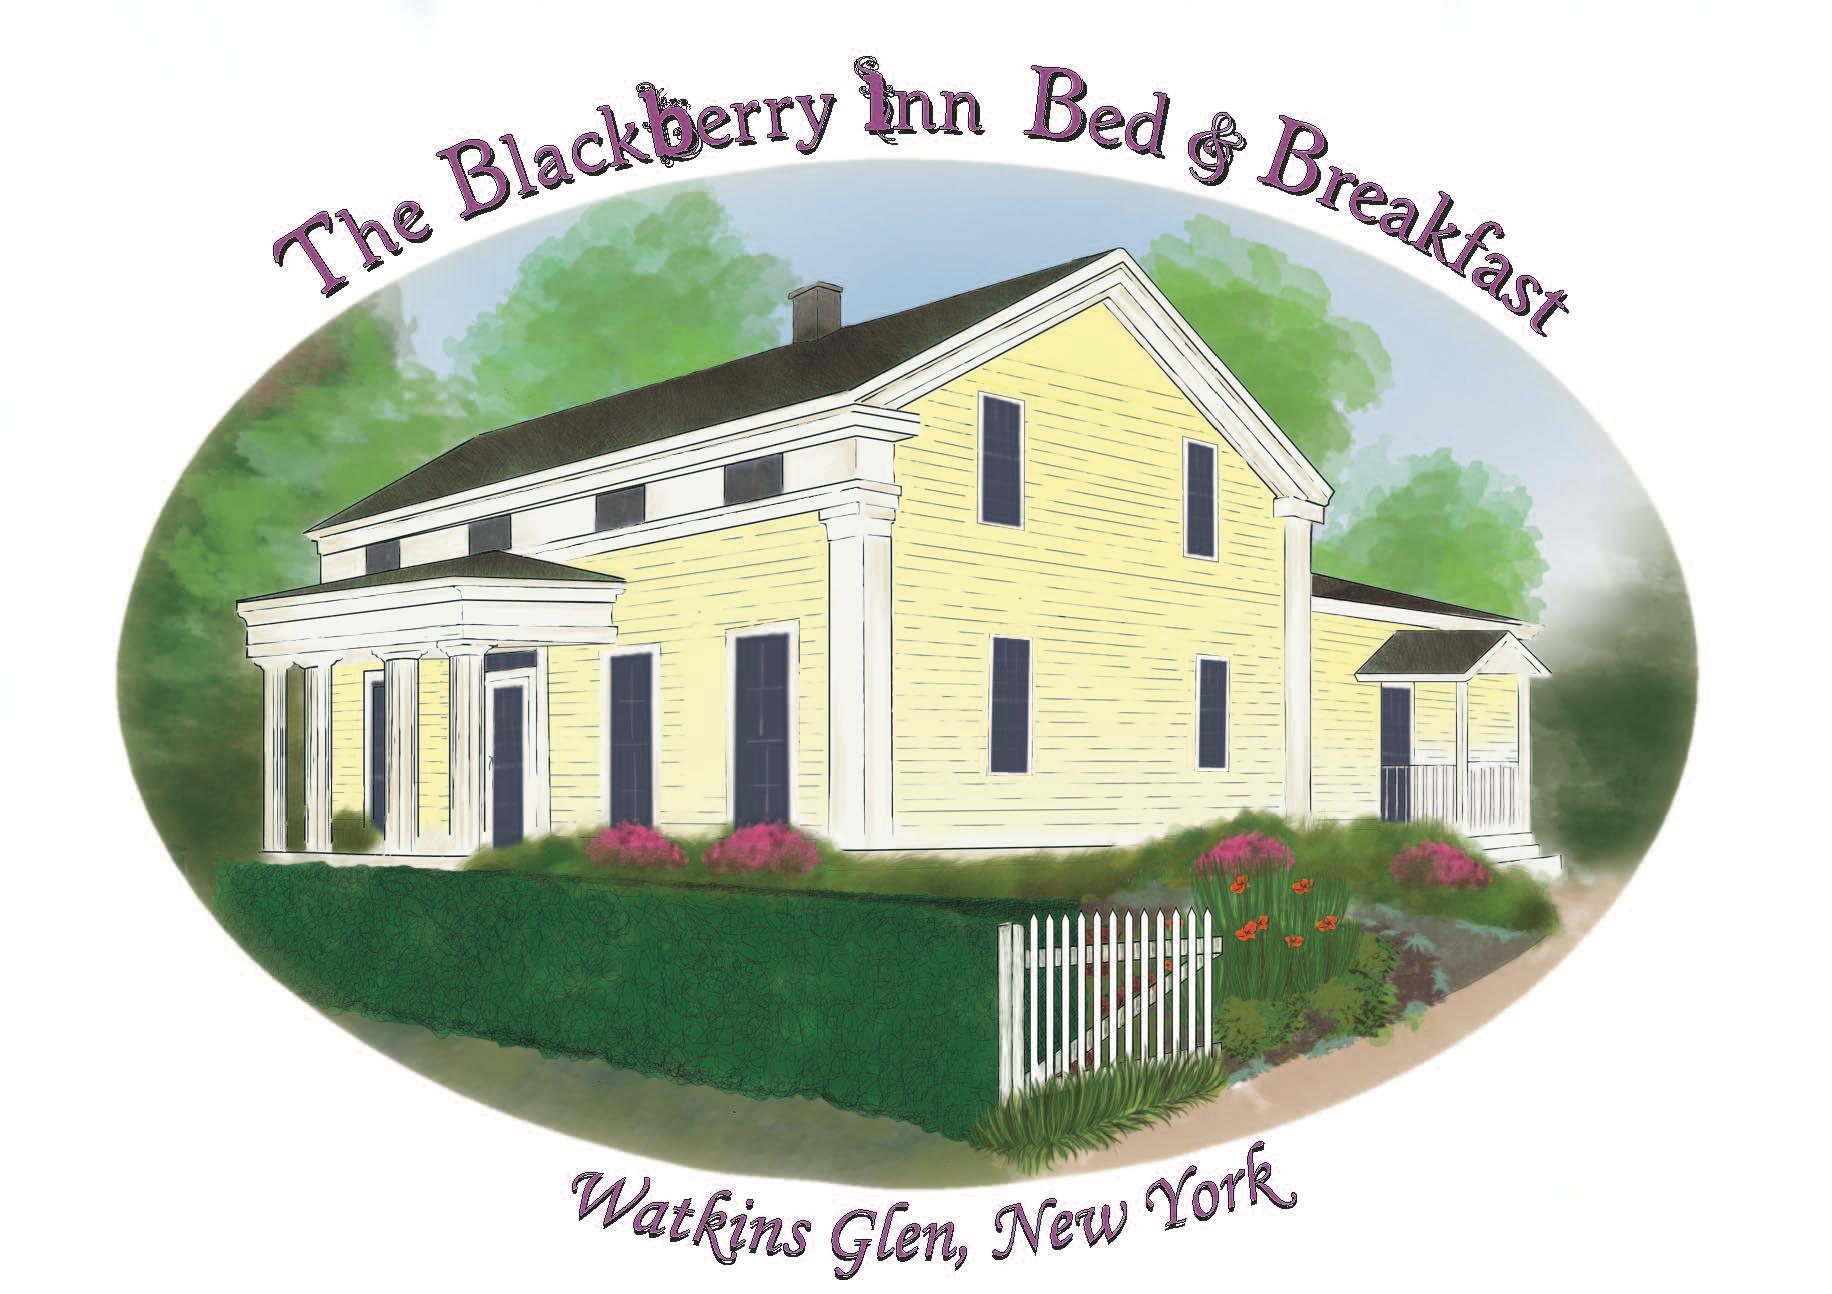 The Blackberry Inn Bed & Breakfast